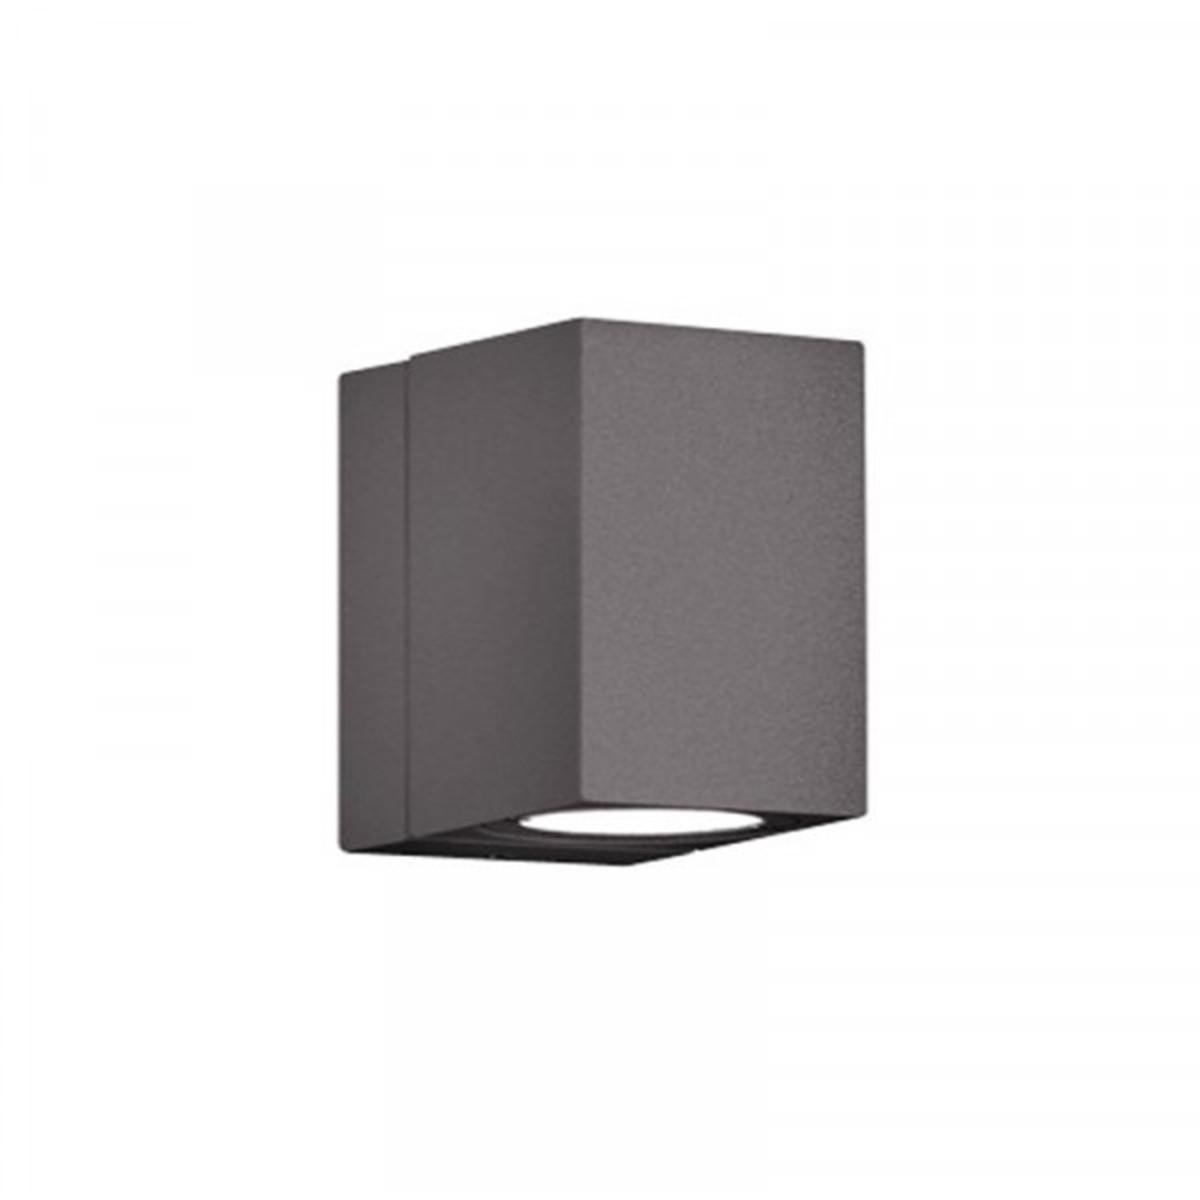 LED Tuinverlichting - Tuinlamp - Trion Tibena - Wand - 3W - Mat Zwart - Aluminium - Draaibaar